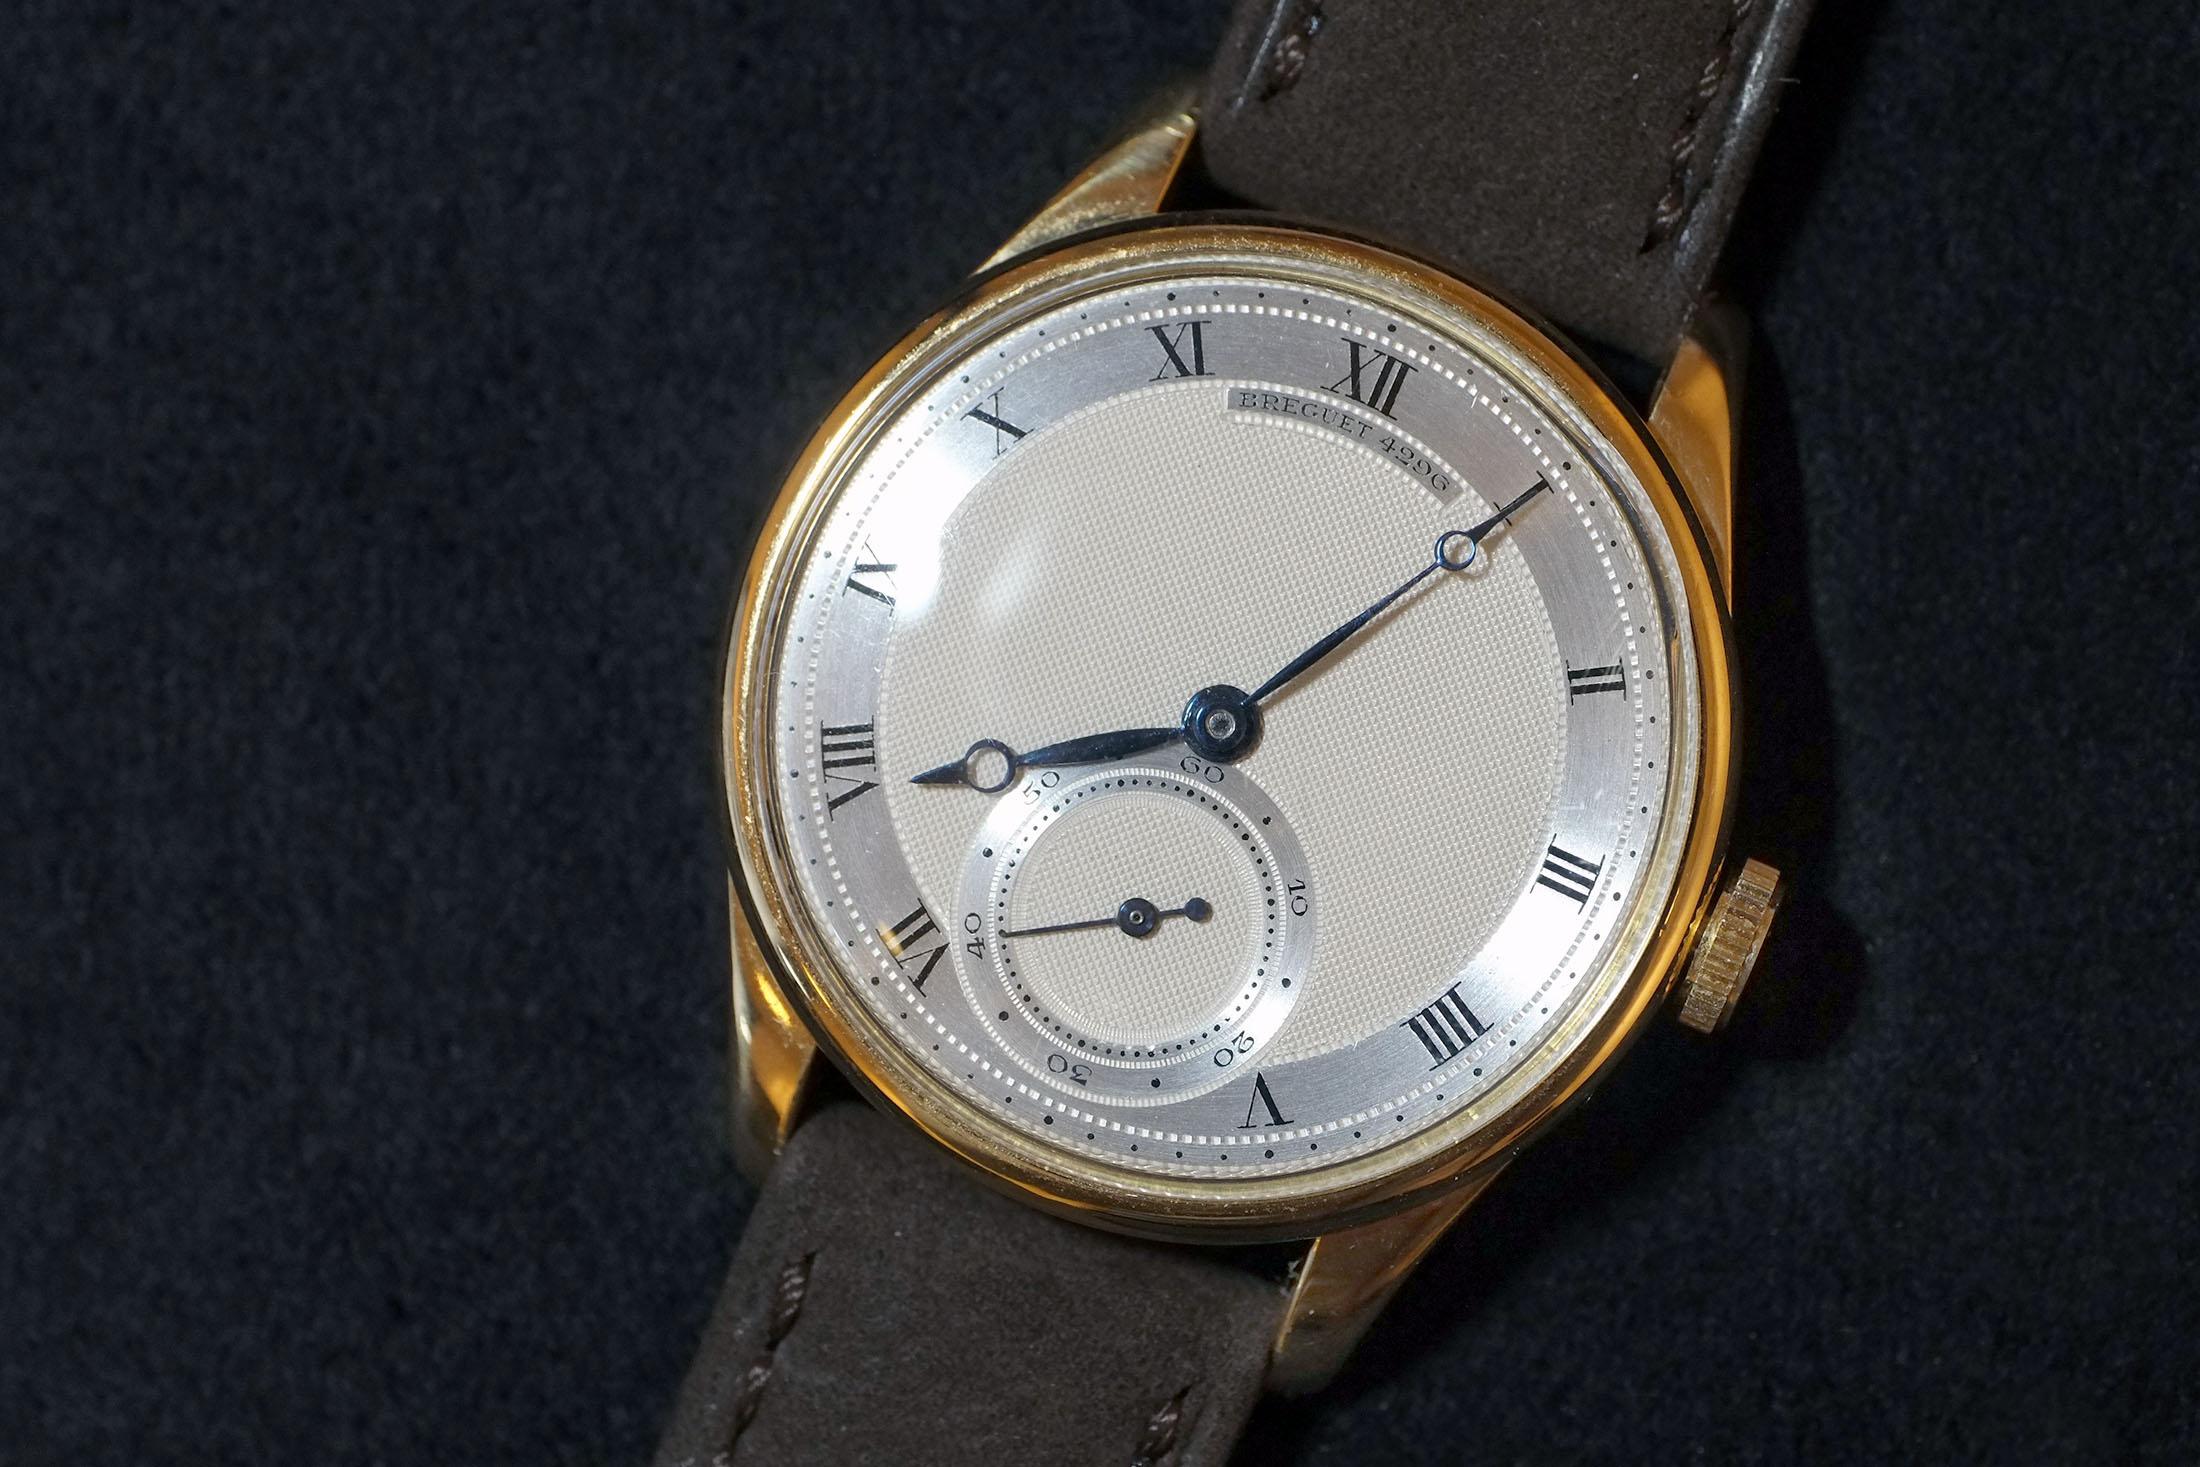 Breguet Dress Watch (Lot 248)